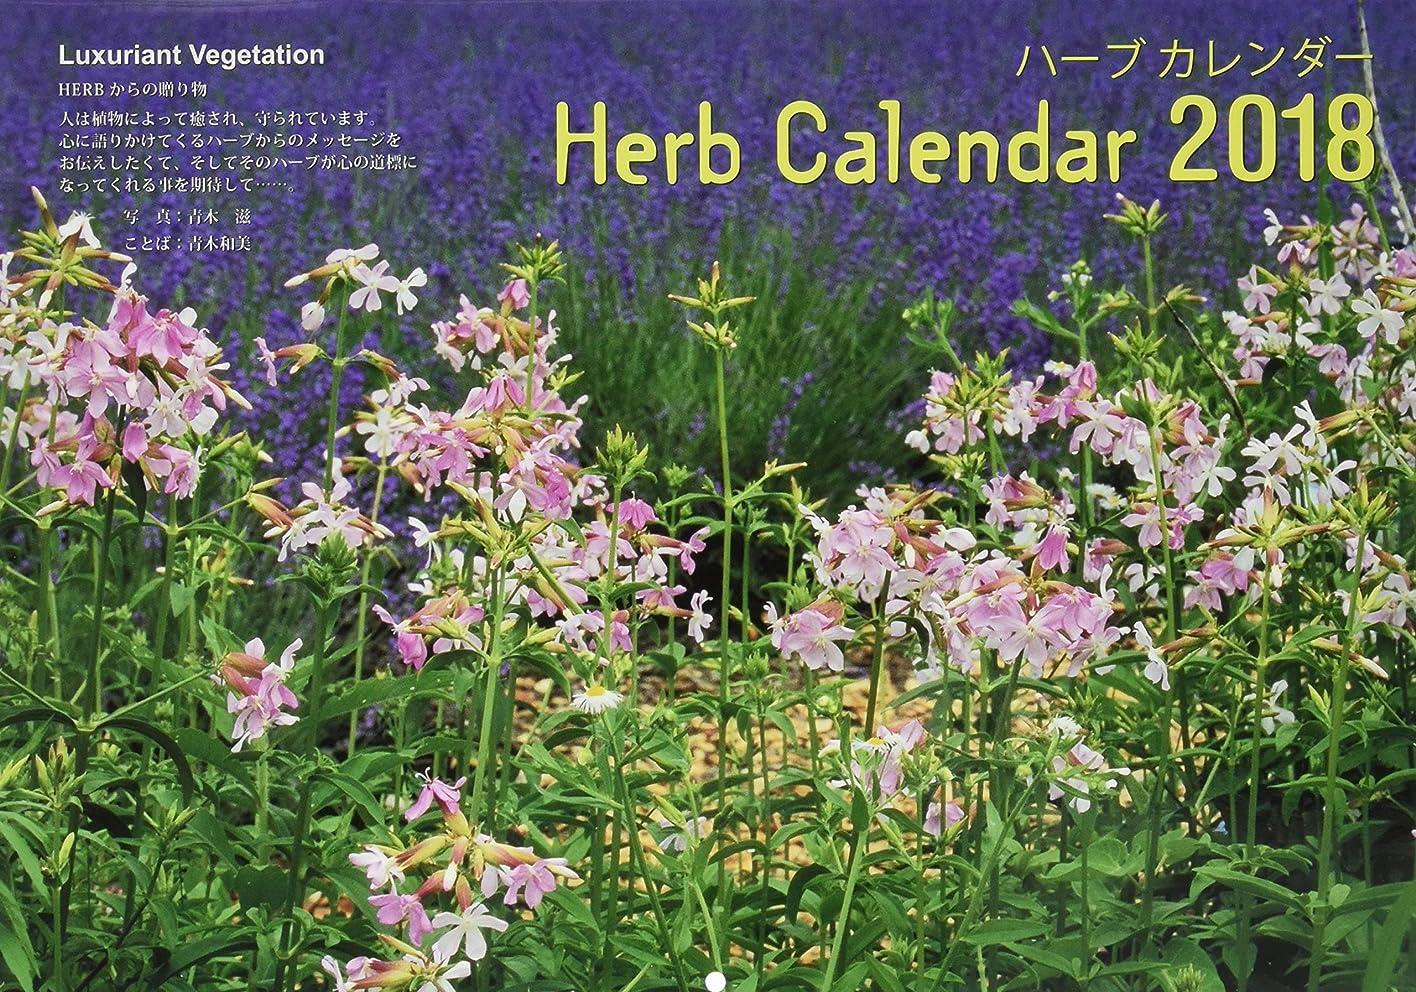 軽どこか債務者Herb Calender 2018 ハーブカレンダー(壁掛) ([カレンダー])